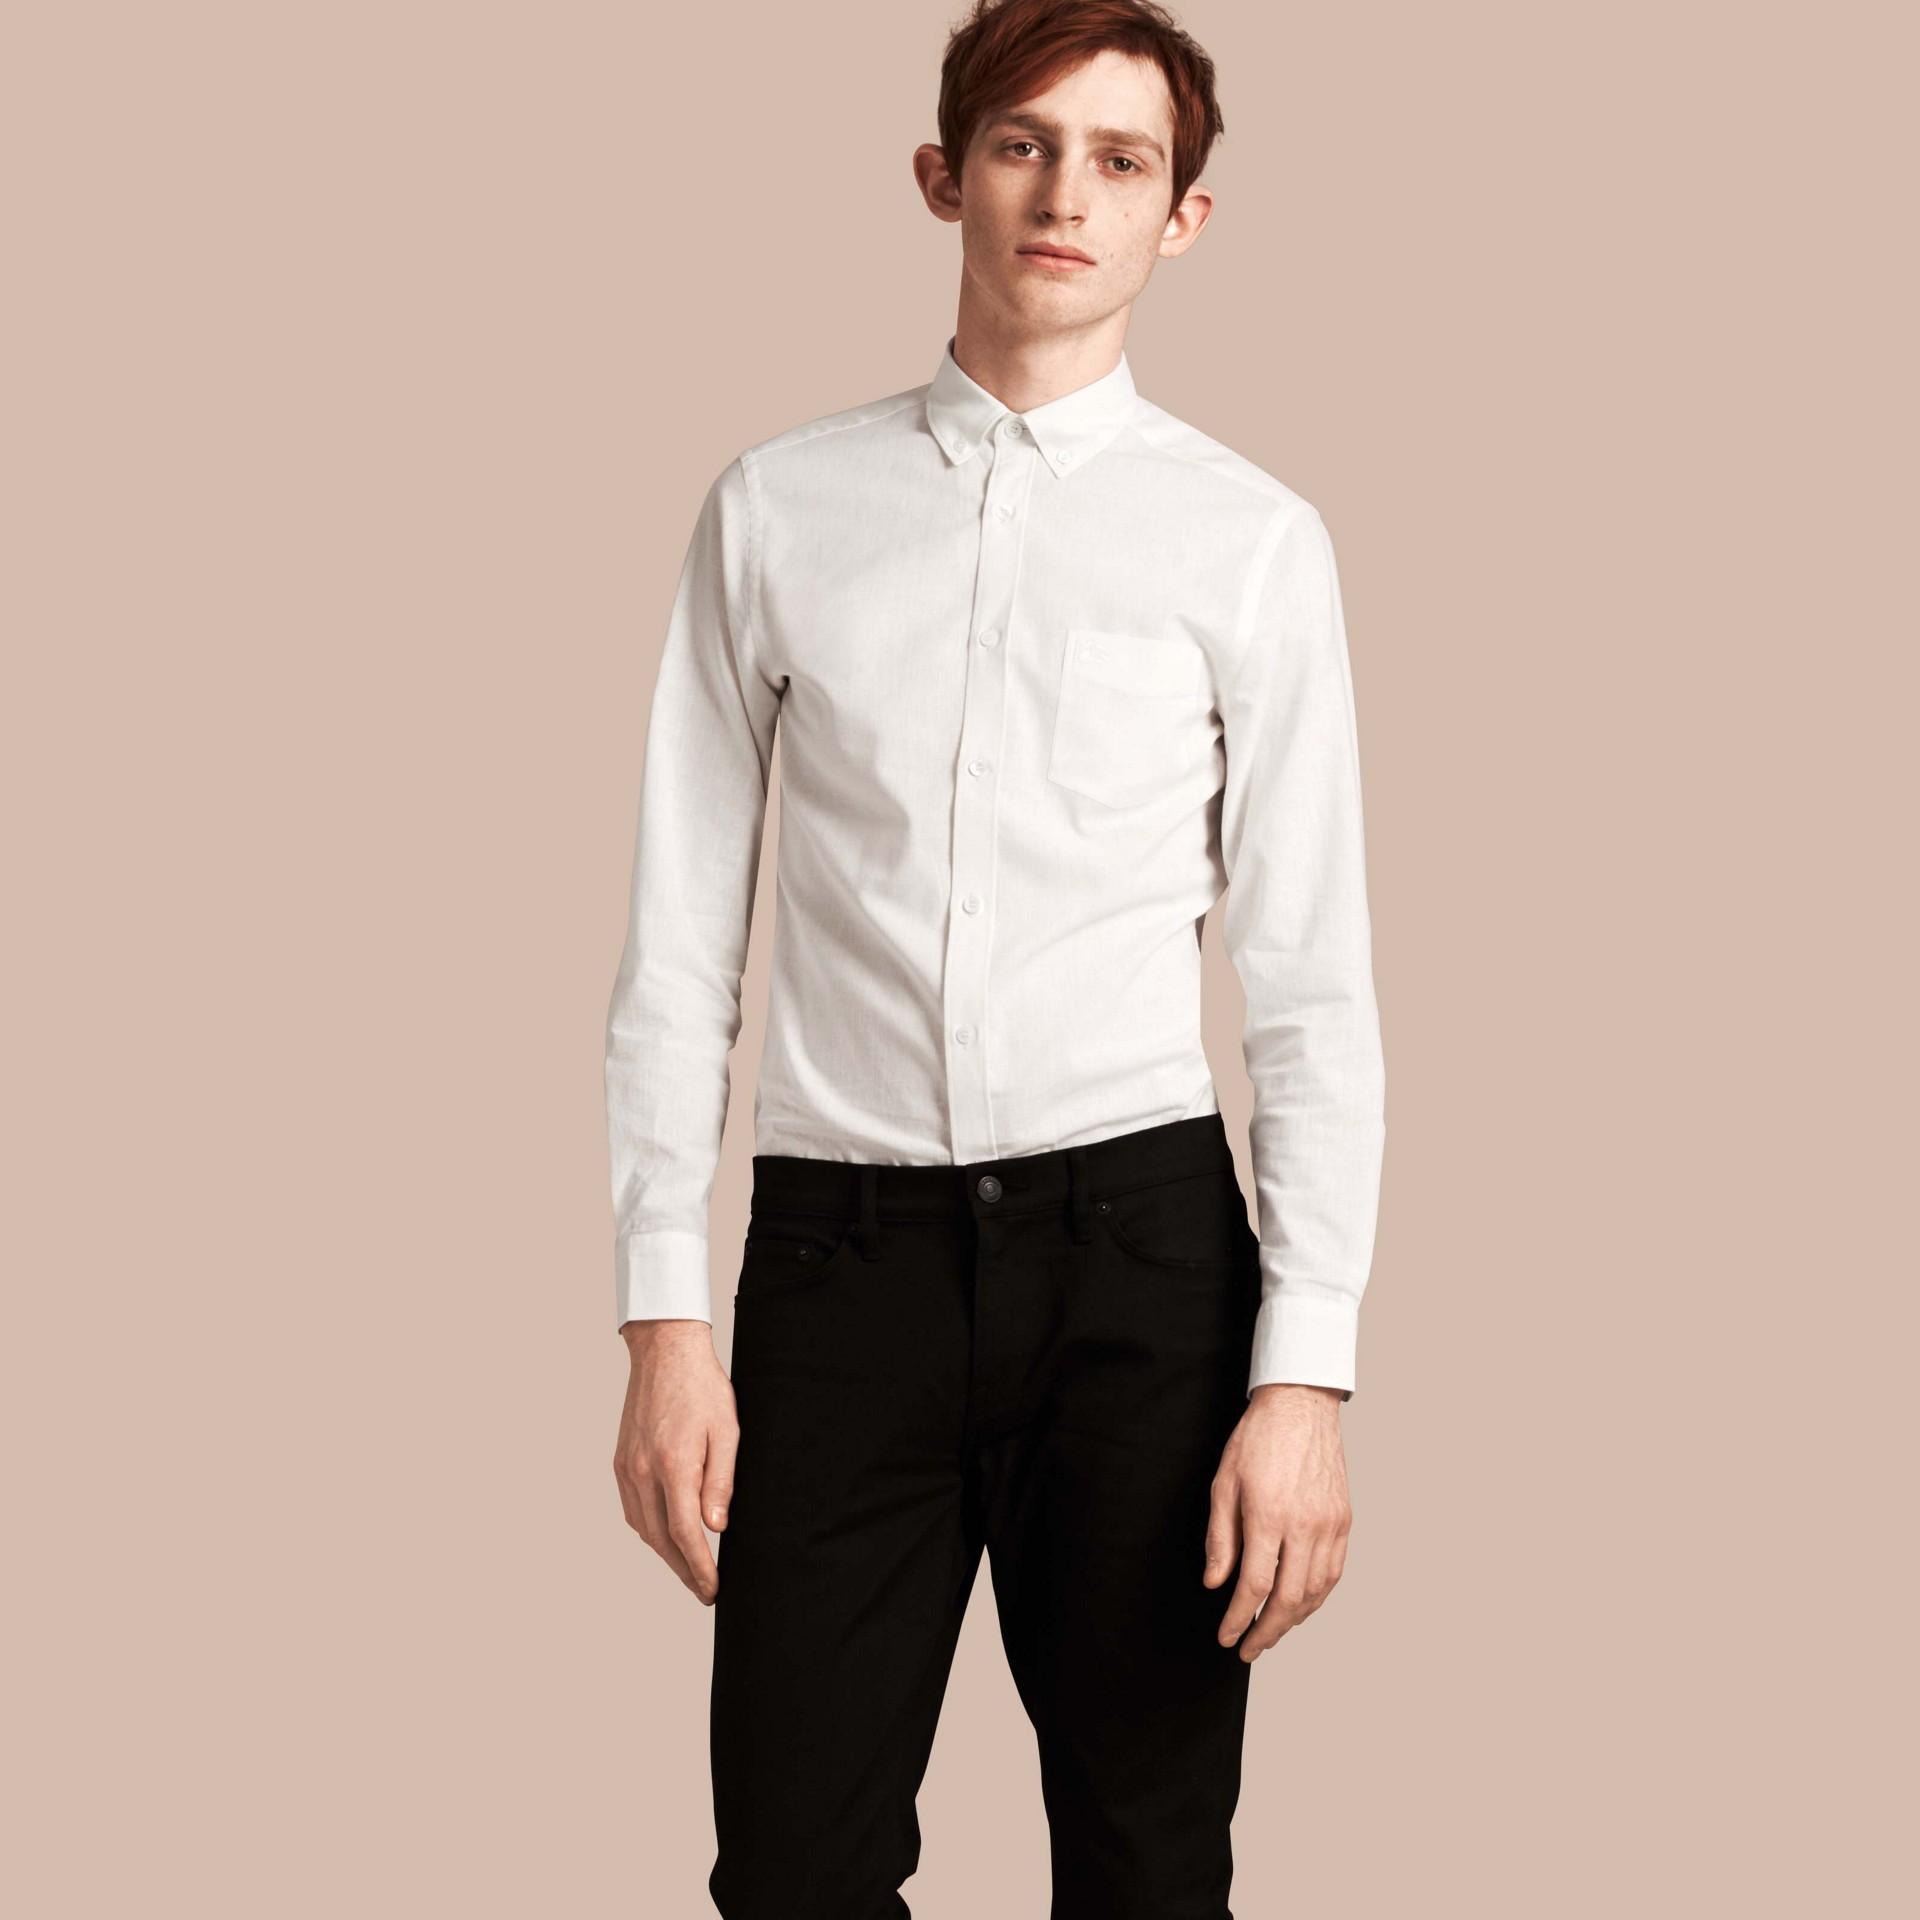 Weiss Hemd aus Baumwolle und Leinen mit Button-down-Kragen Weiss - Galerie-Bild 1